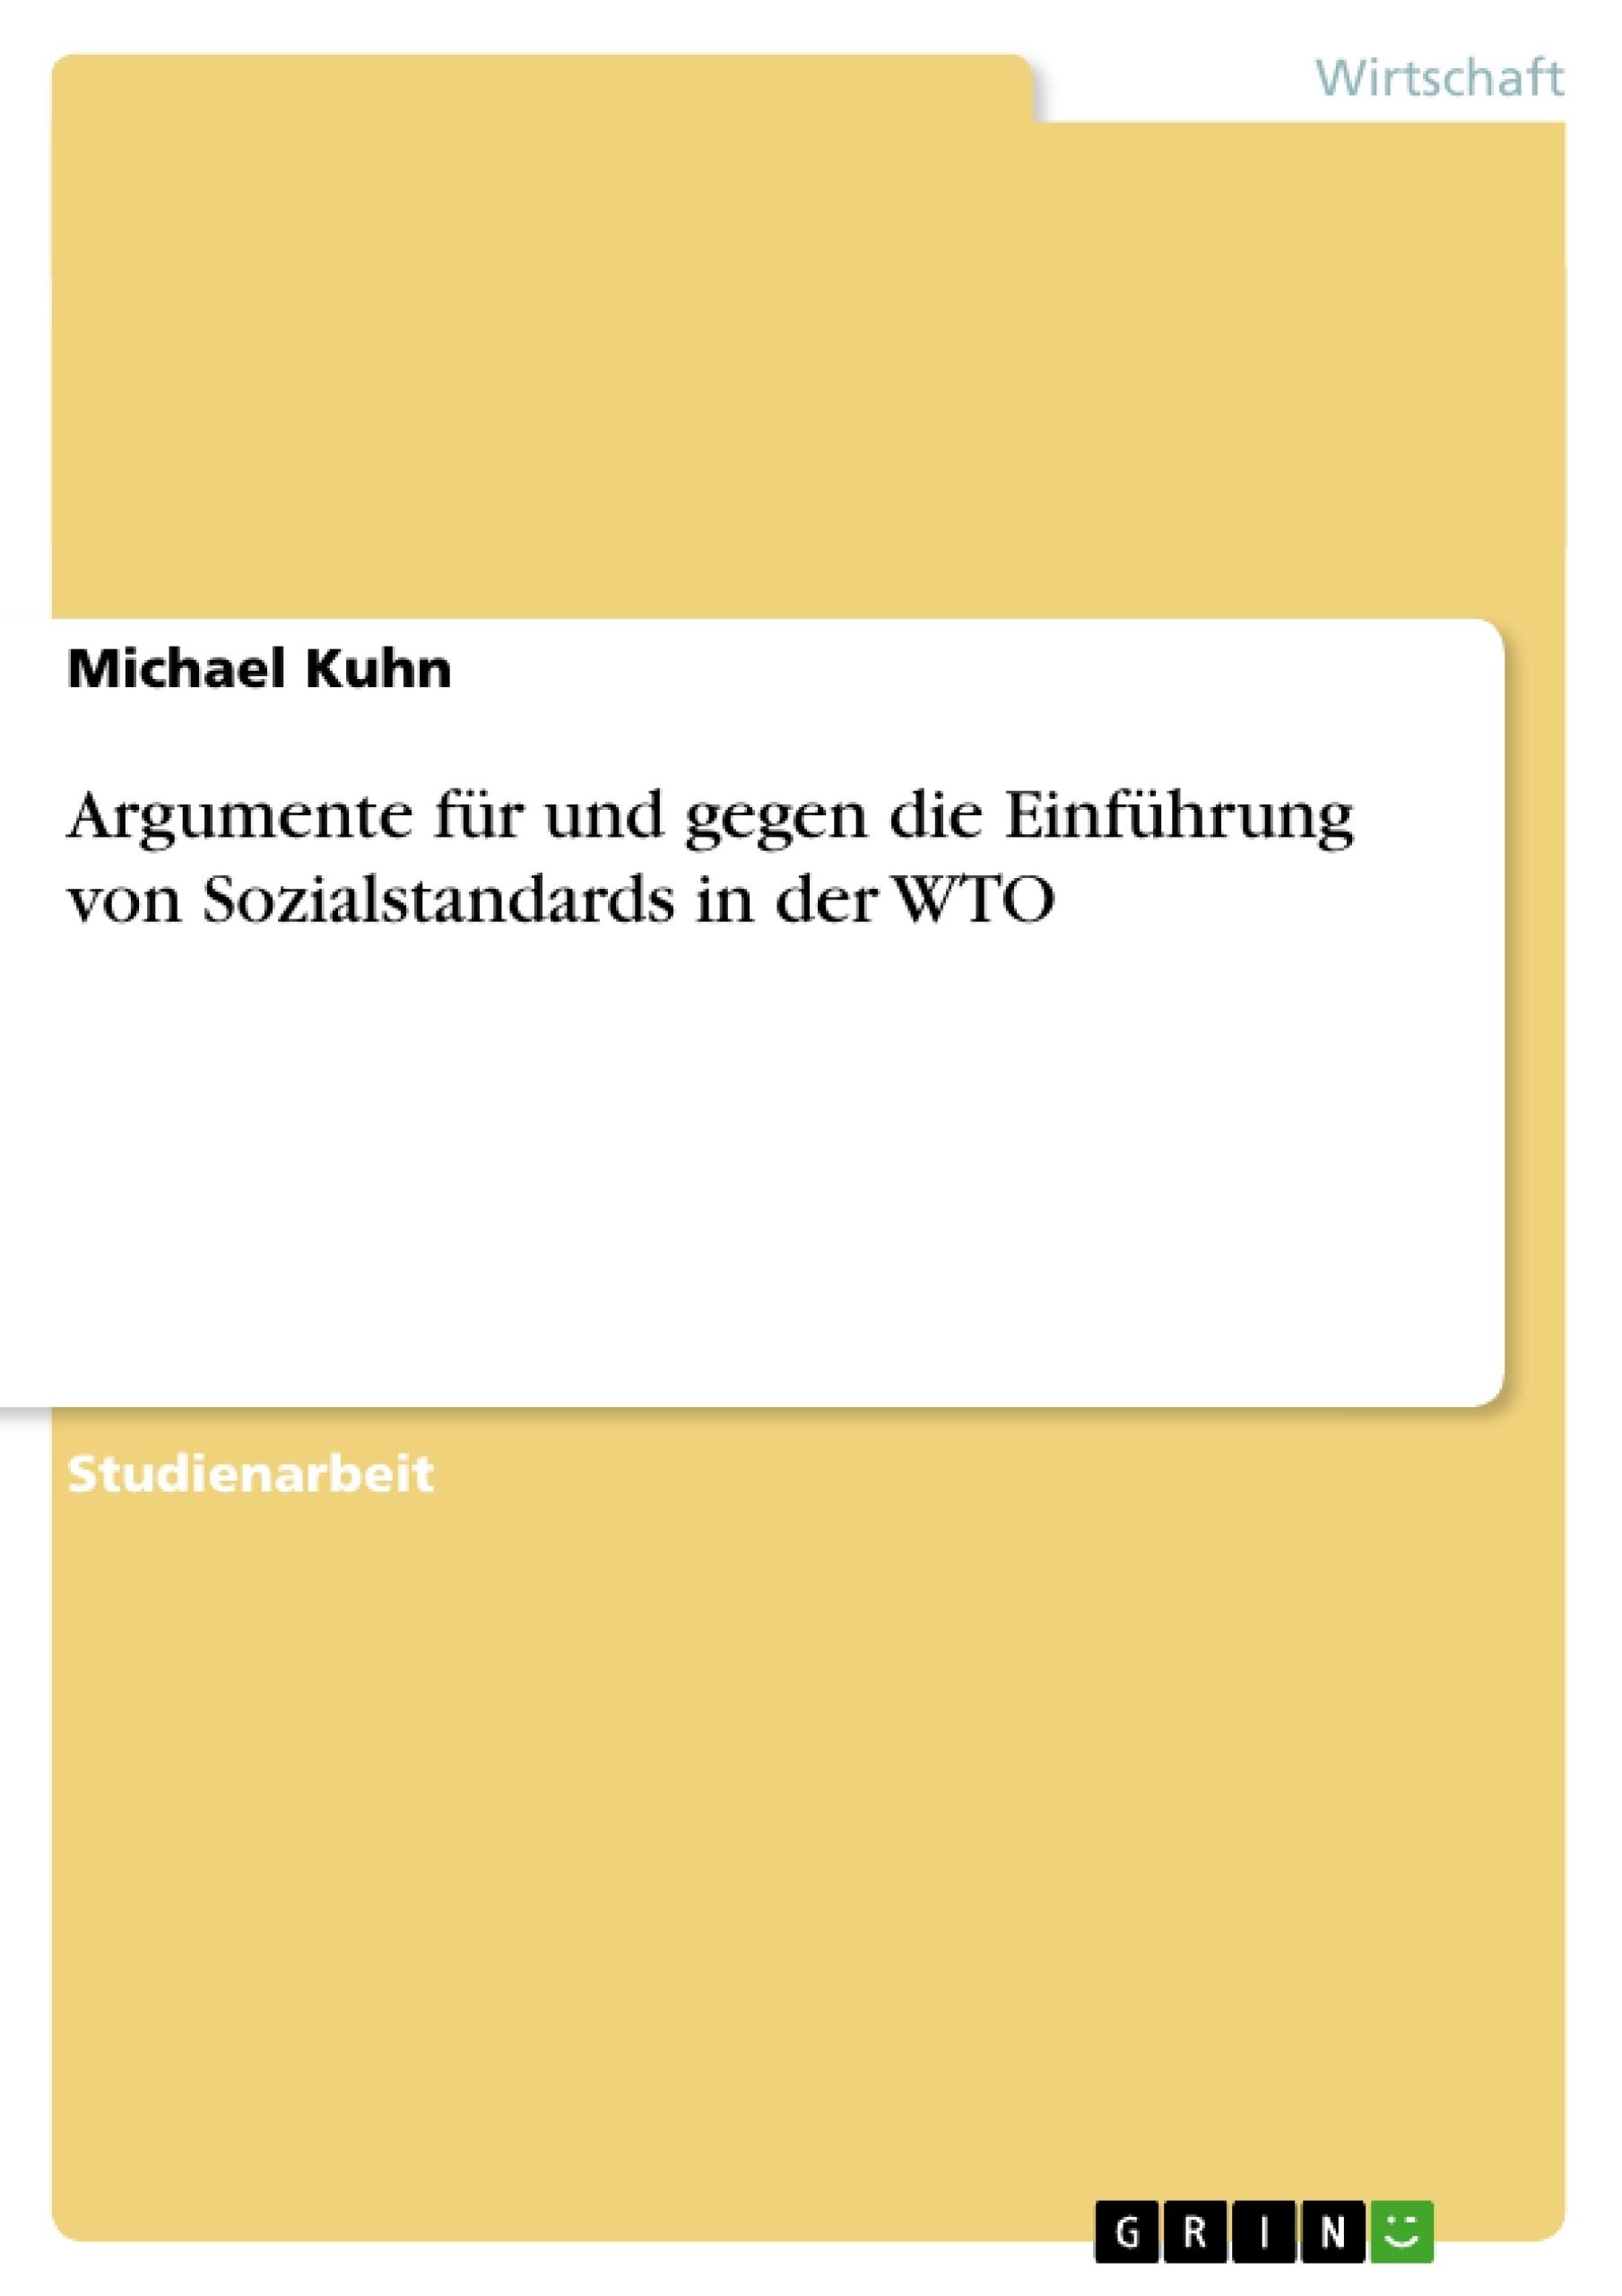 Titel: Argumente für und gegen die Einführung von Sozialstandards in der WTO